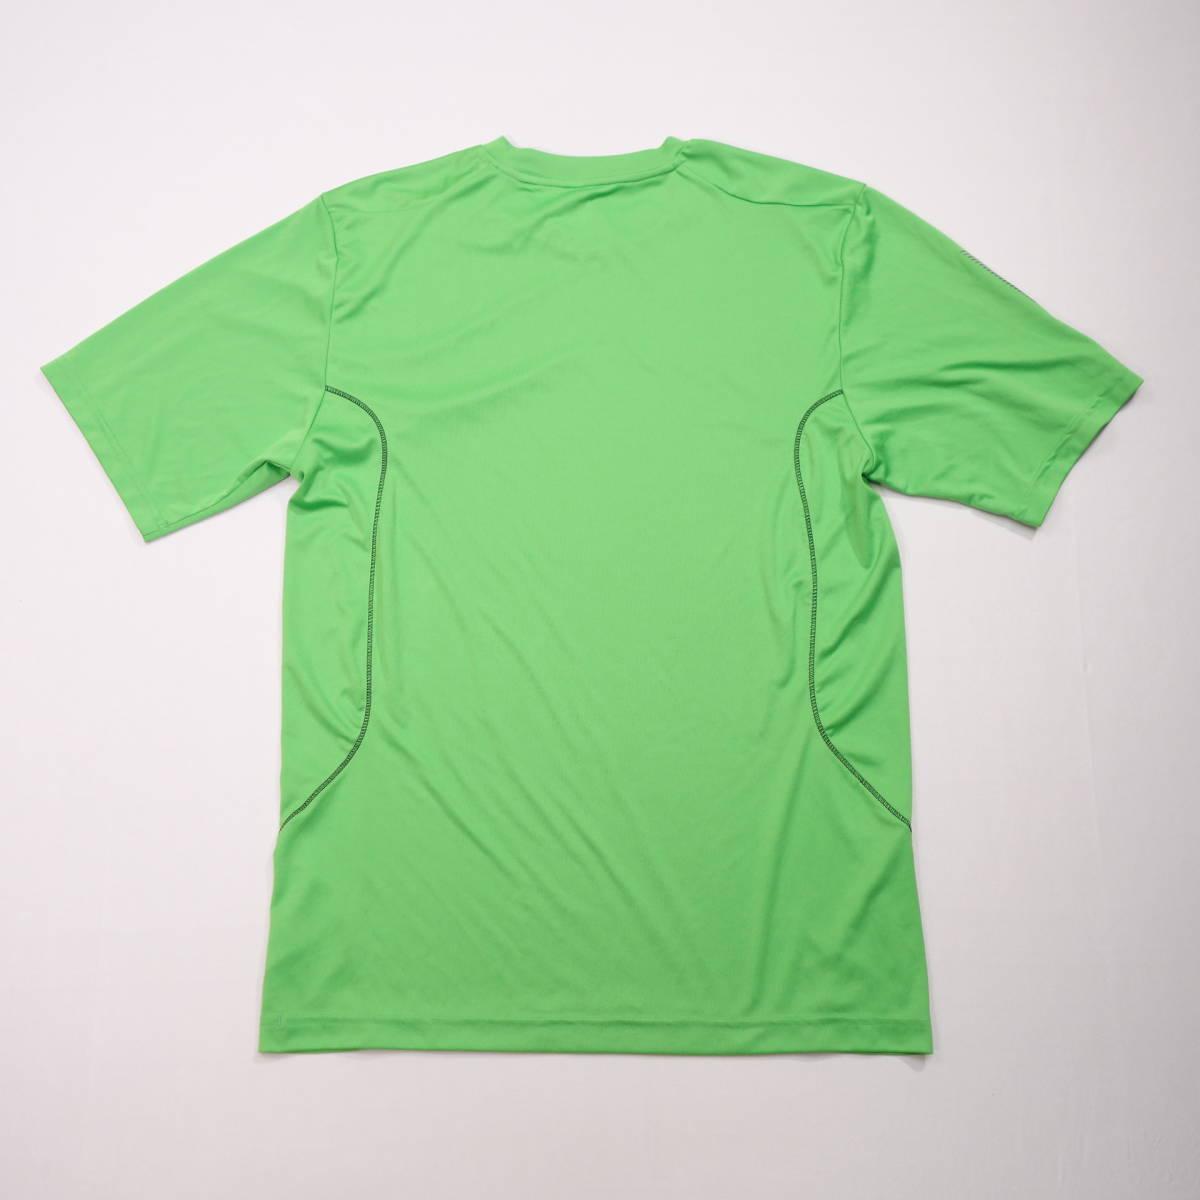 アディダス adidas Tシャツ 半袖 メンズ M クルーネック ワンポイントロゴ 三本ライン スポーツ カジュアル USA直輸入 古着 MAD-1-1-0037_画像10